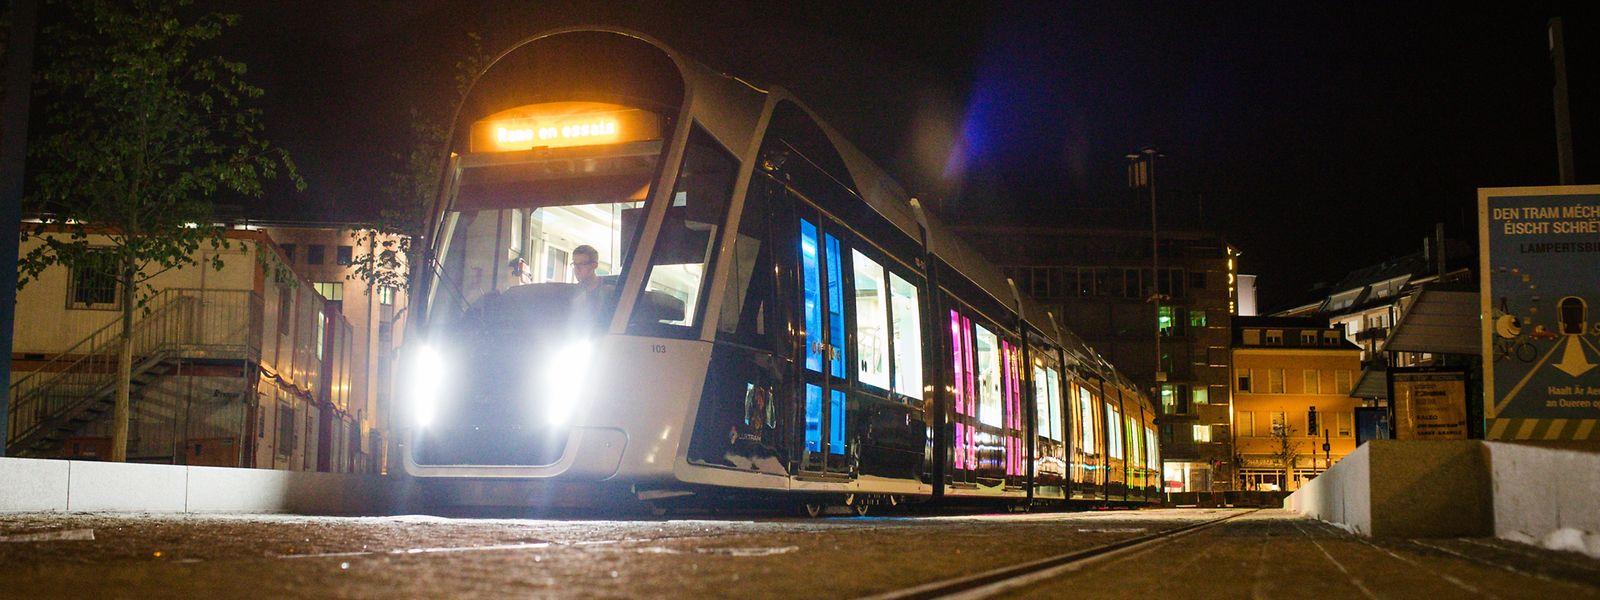 Derzeit werden nachts Testfahrten zwischen der Rout Bréck und der Place de l'Etoile durchgeführt.